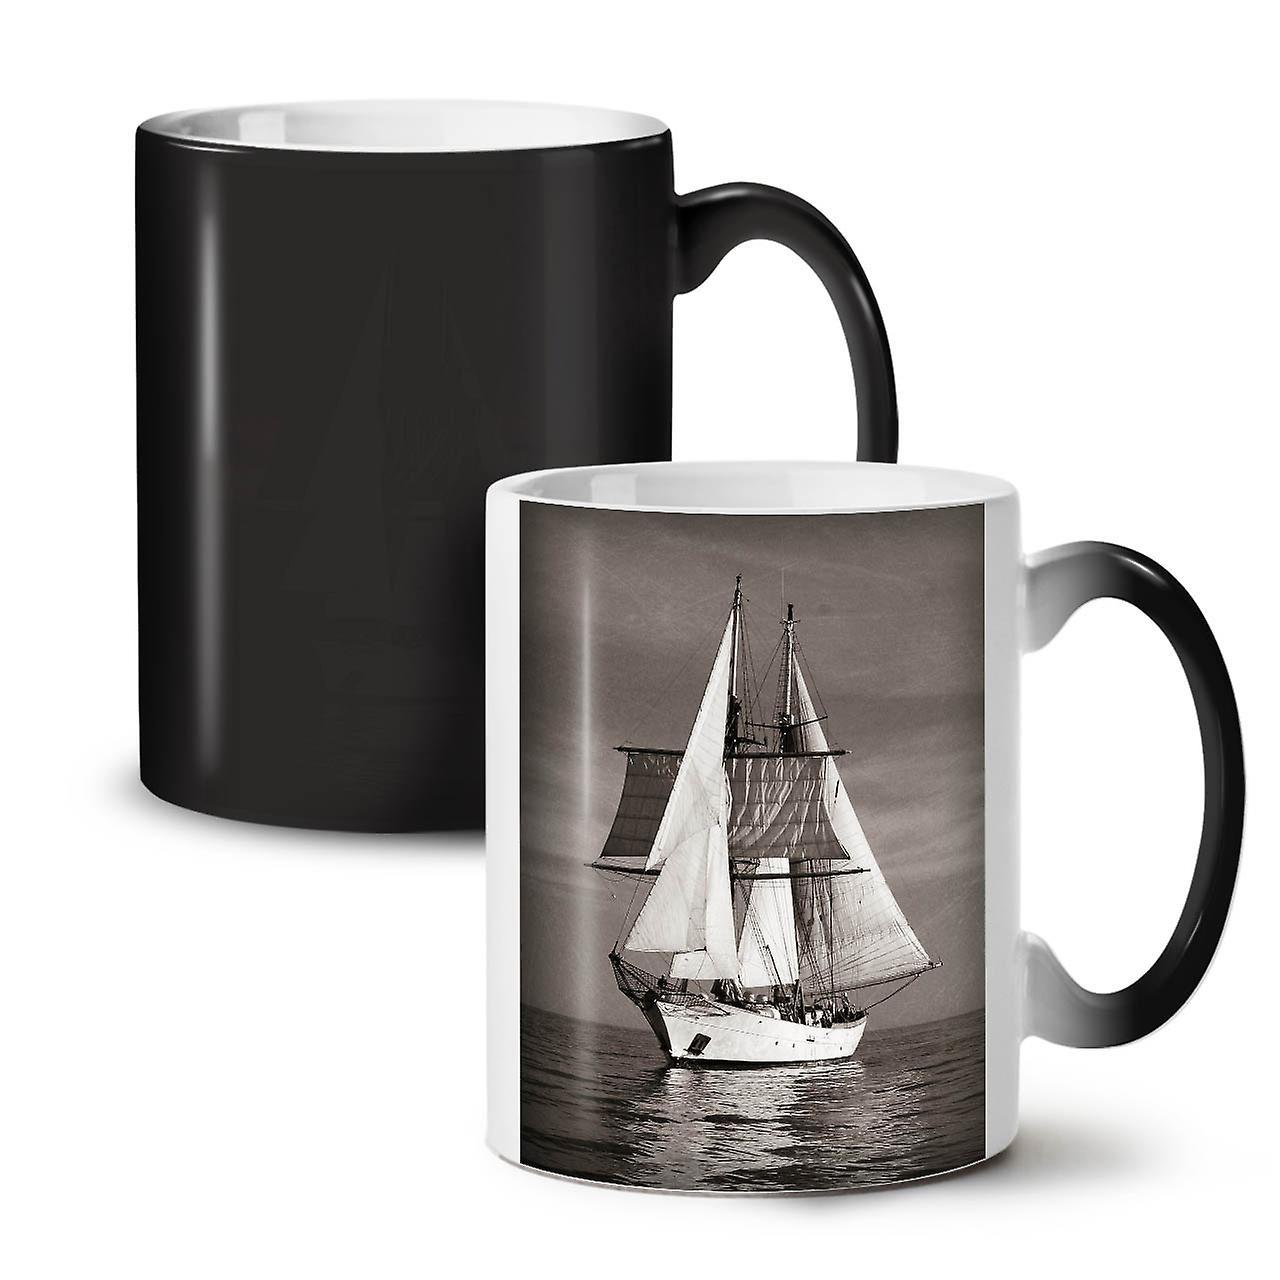 OzWellcoda Navire Coloris Thé Céramique Mer Noire Retro Nouveau Changeant Café Tasse 11 29WEDIHY